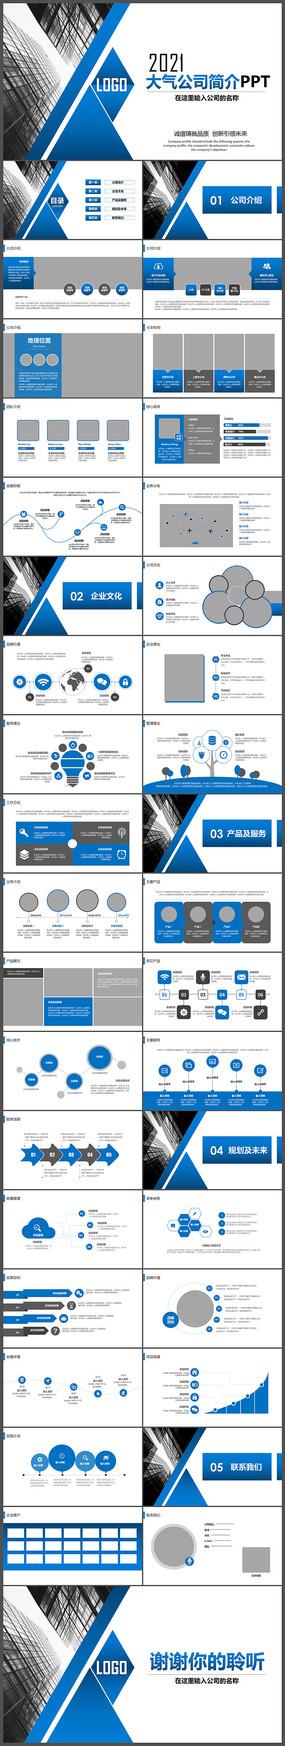 企业简介宣传公司产品介绍PPT模板